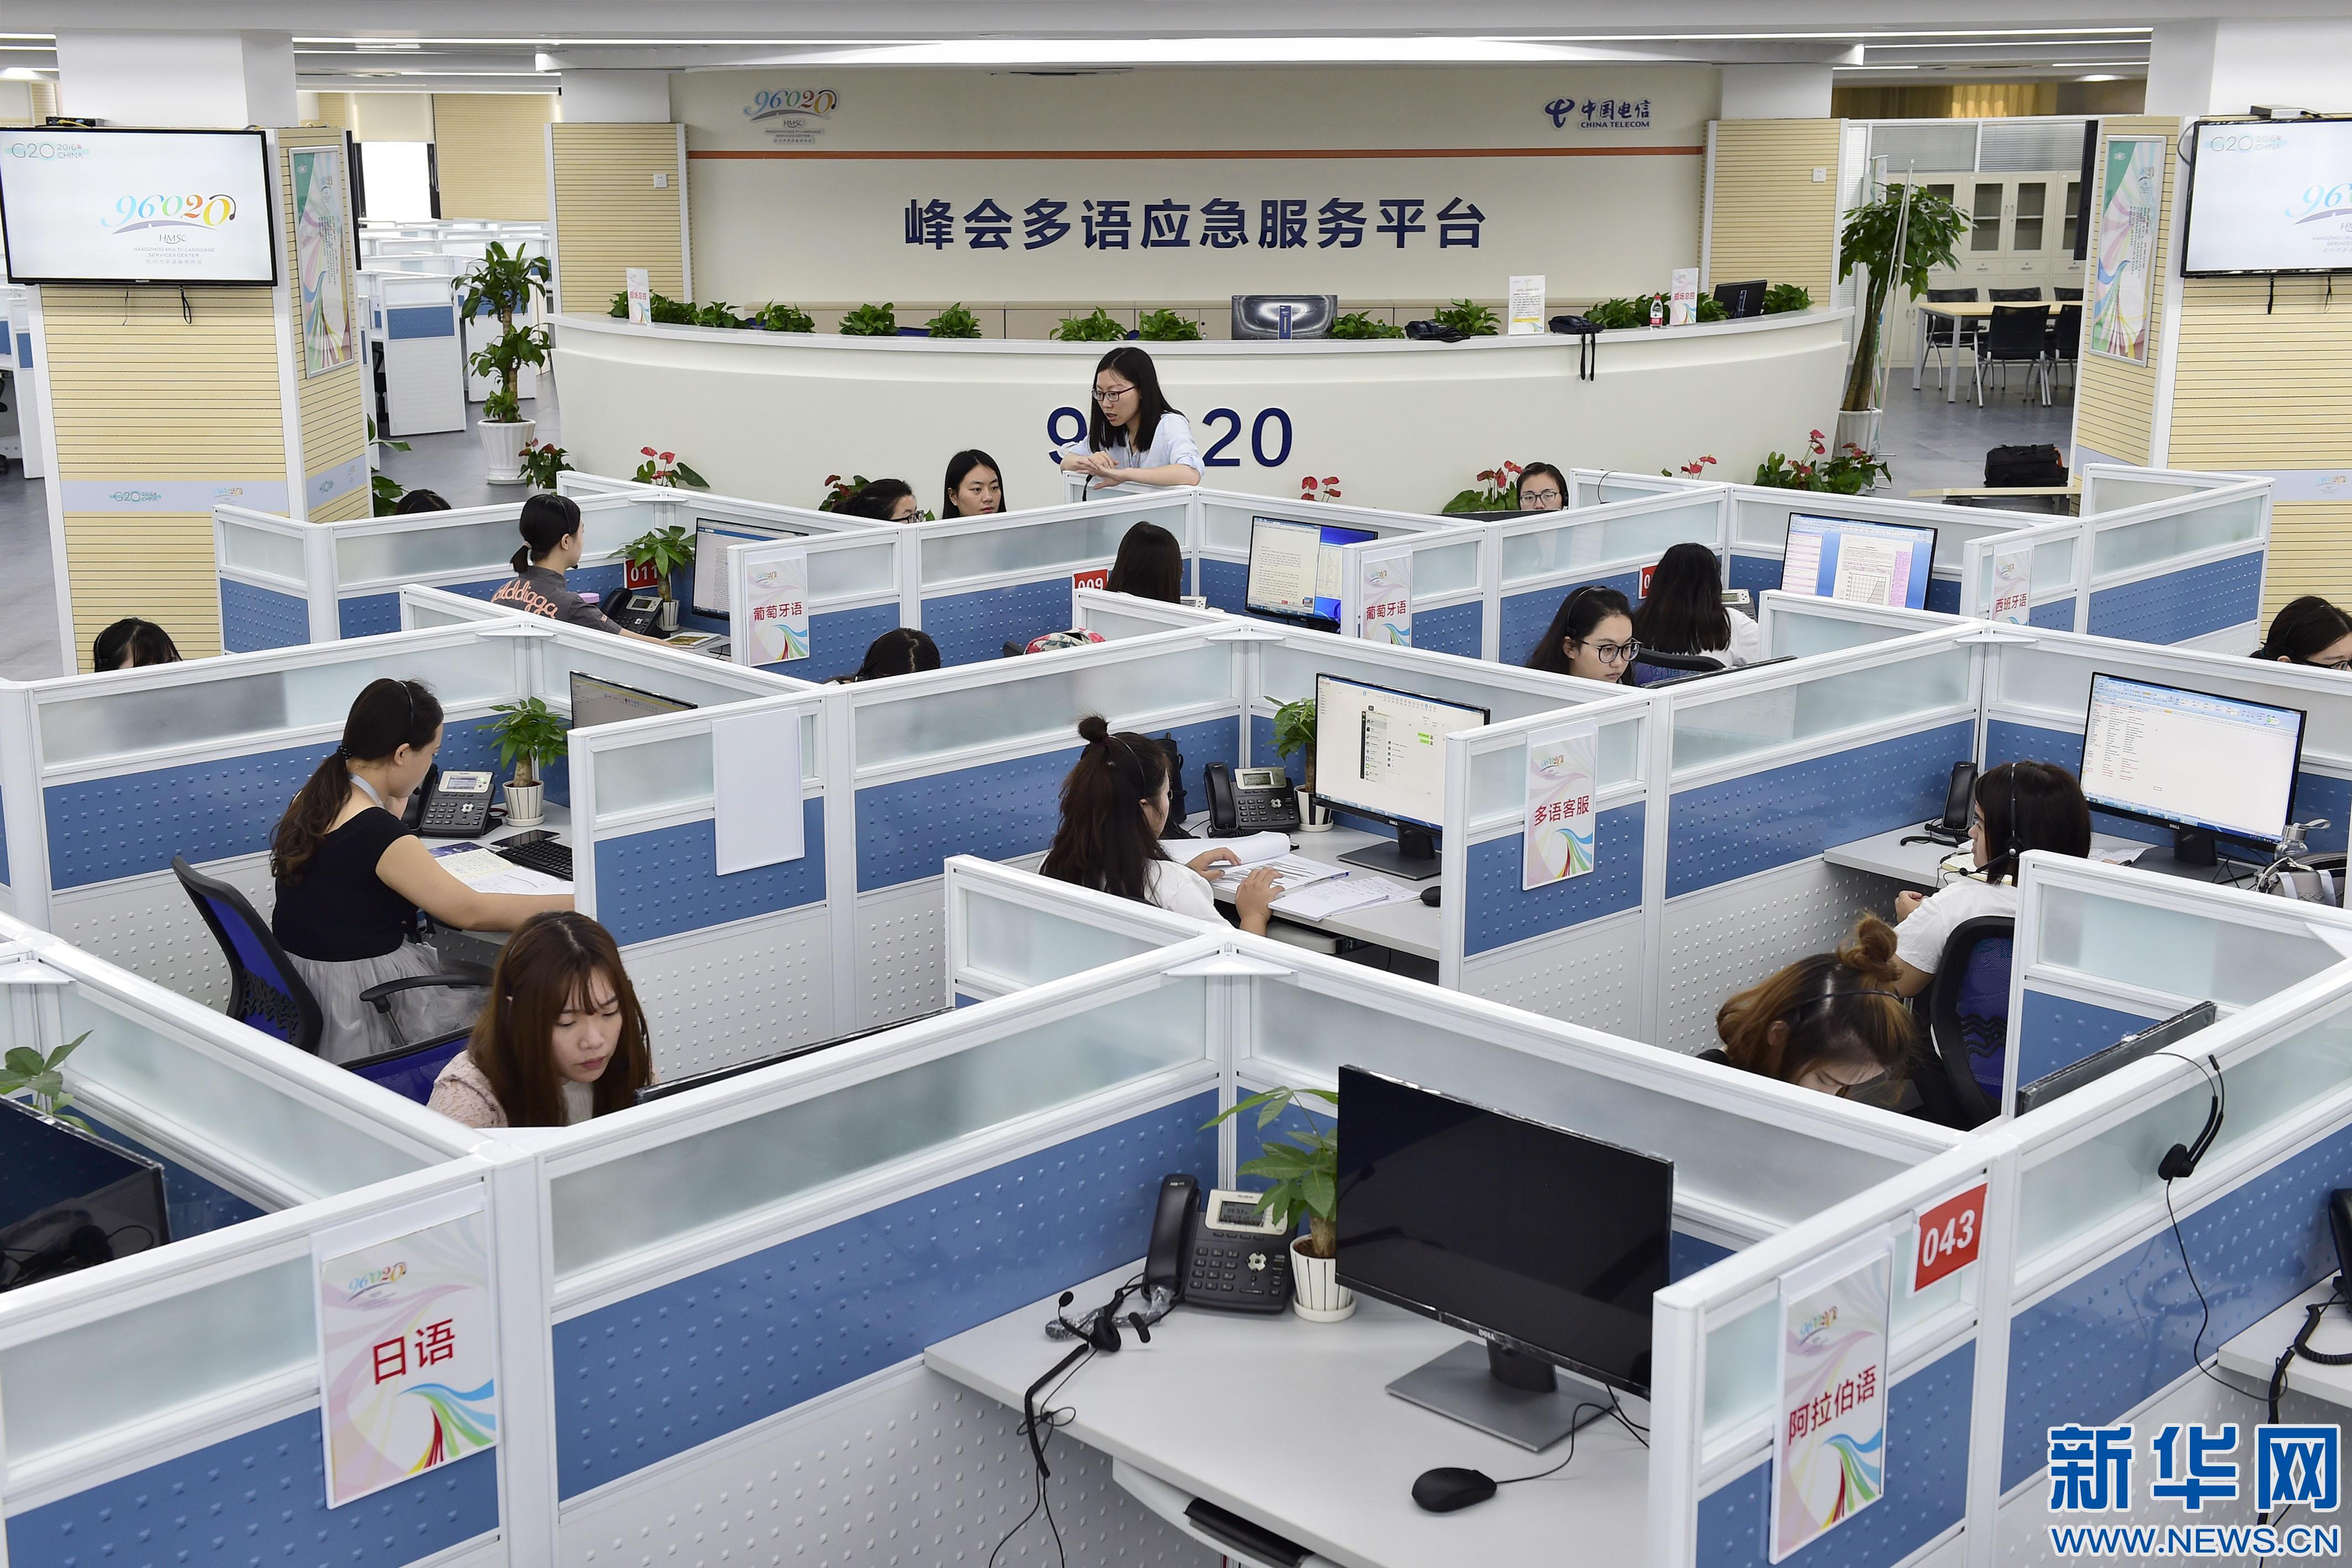 杭州开通G20峰会多语应急服务平台